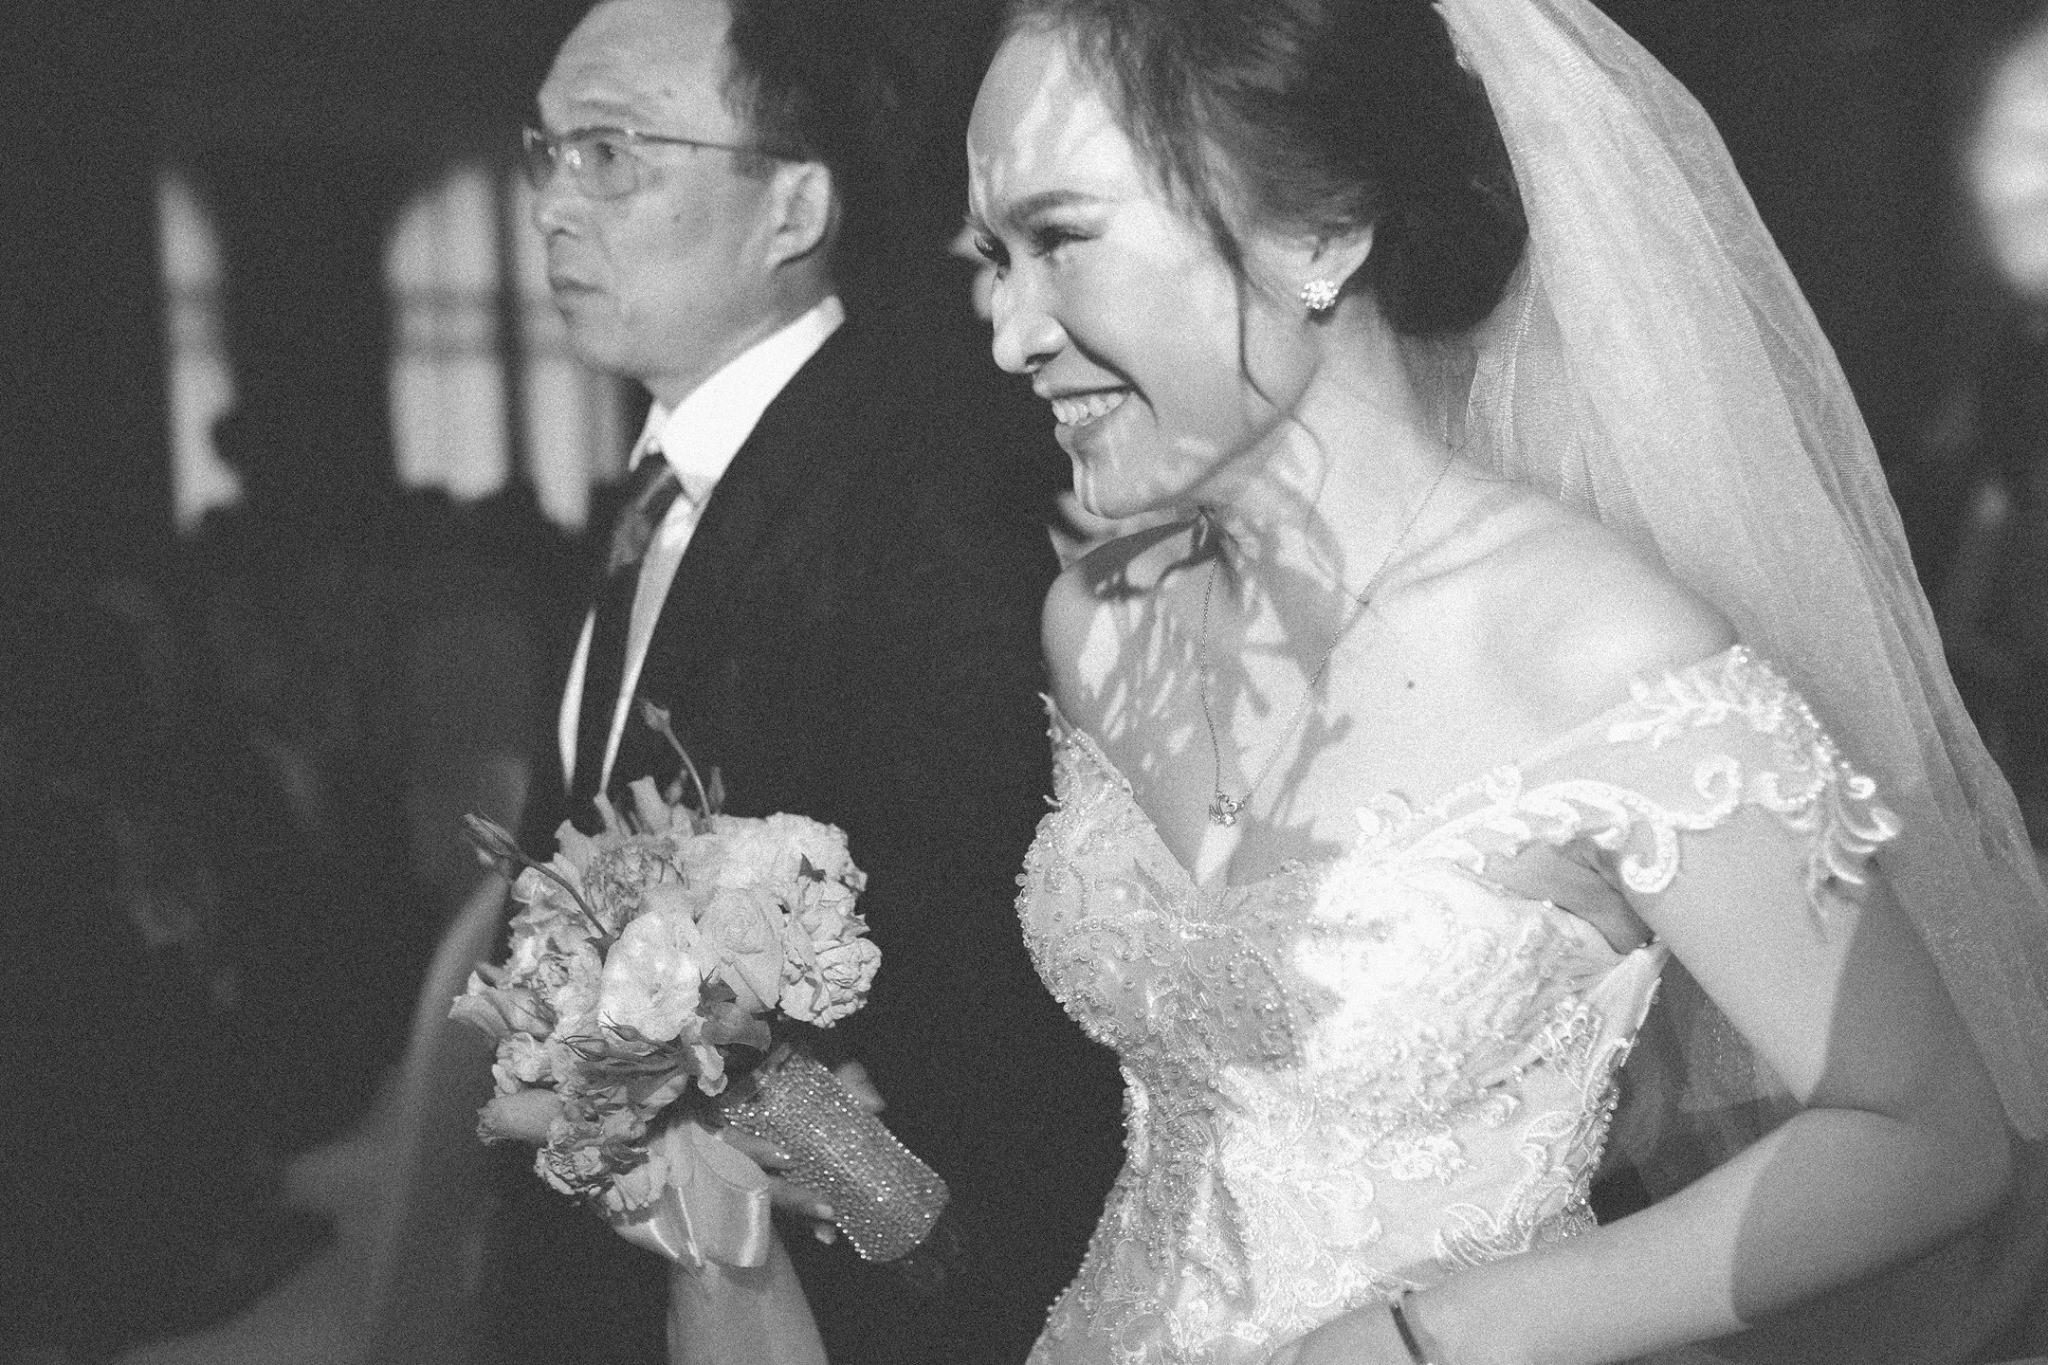 Bố cô dâu thể hiện sự lo lắng và cố gắng dấu đi giọt nước mắt